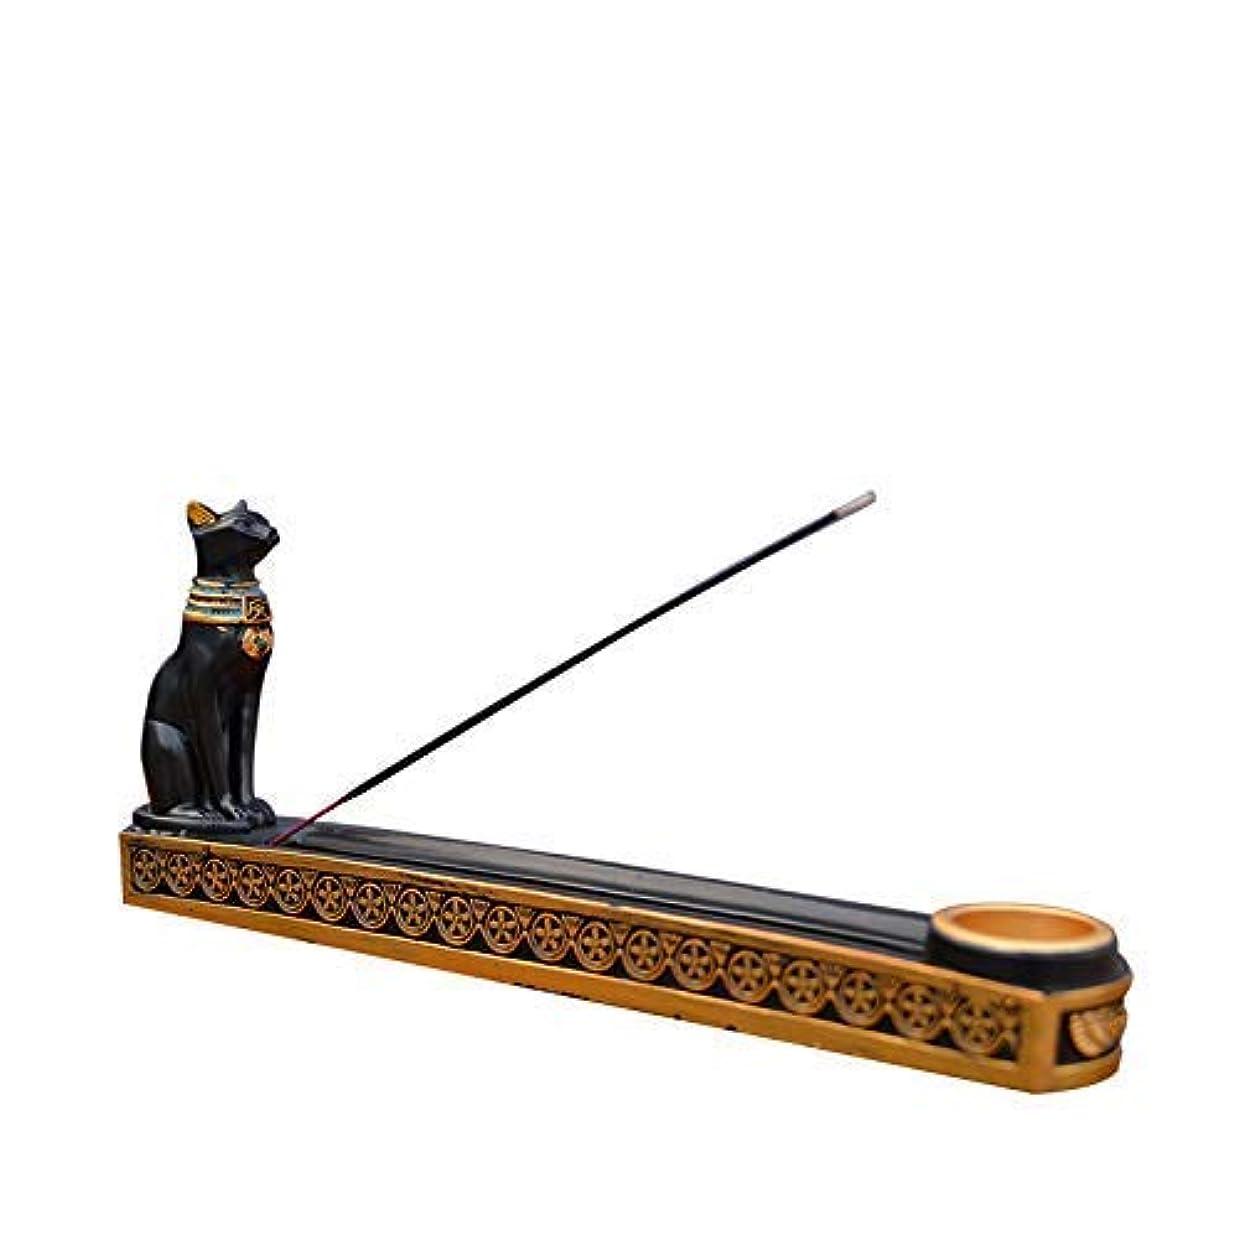 シニス鳴り響く貢献tonntyann 横置き お香立て ボックス 猫 寝かせ スティックおしゃれ 線香立て お香 古代エジプト風 バステト神 アロマ お香 横置き ヒエログリフ ネ